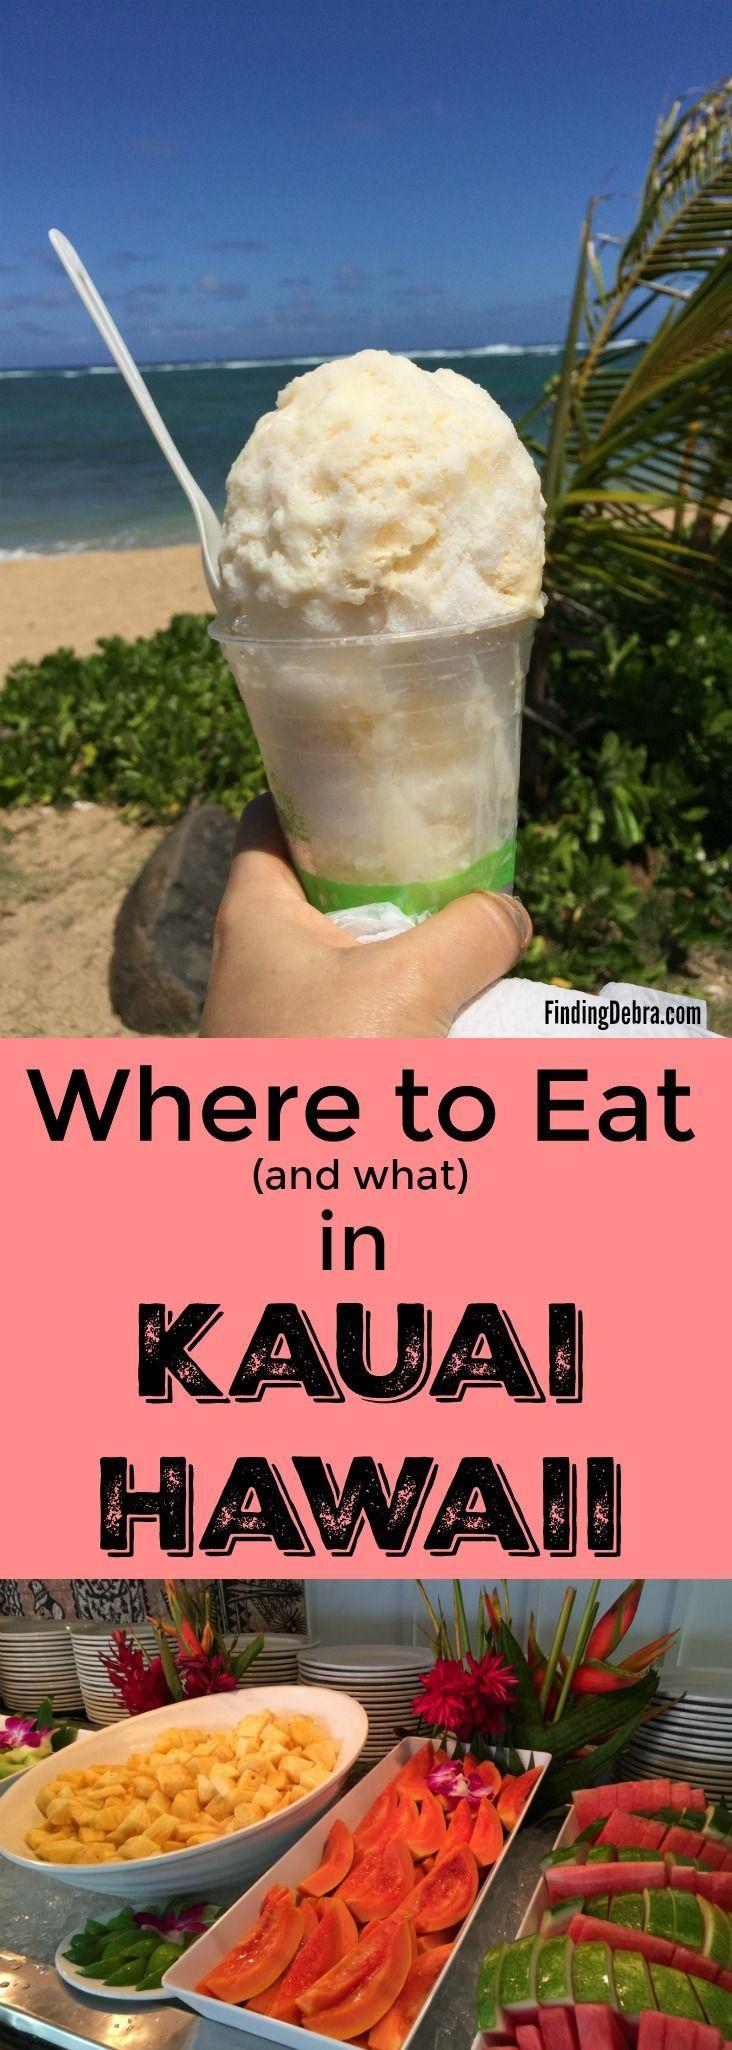 Dónde comer y qué en Kauai Hawaii: los mejores restaurantes y comidas locales. Tu c …